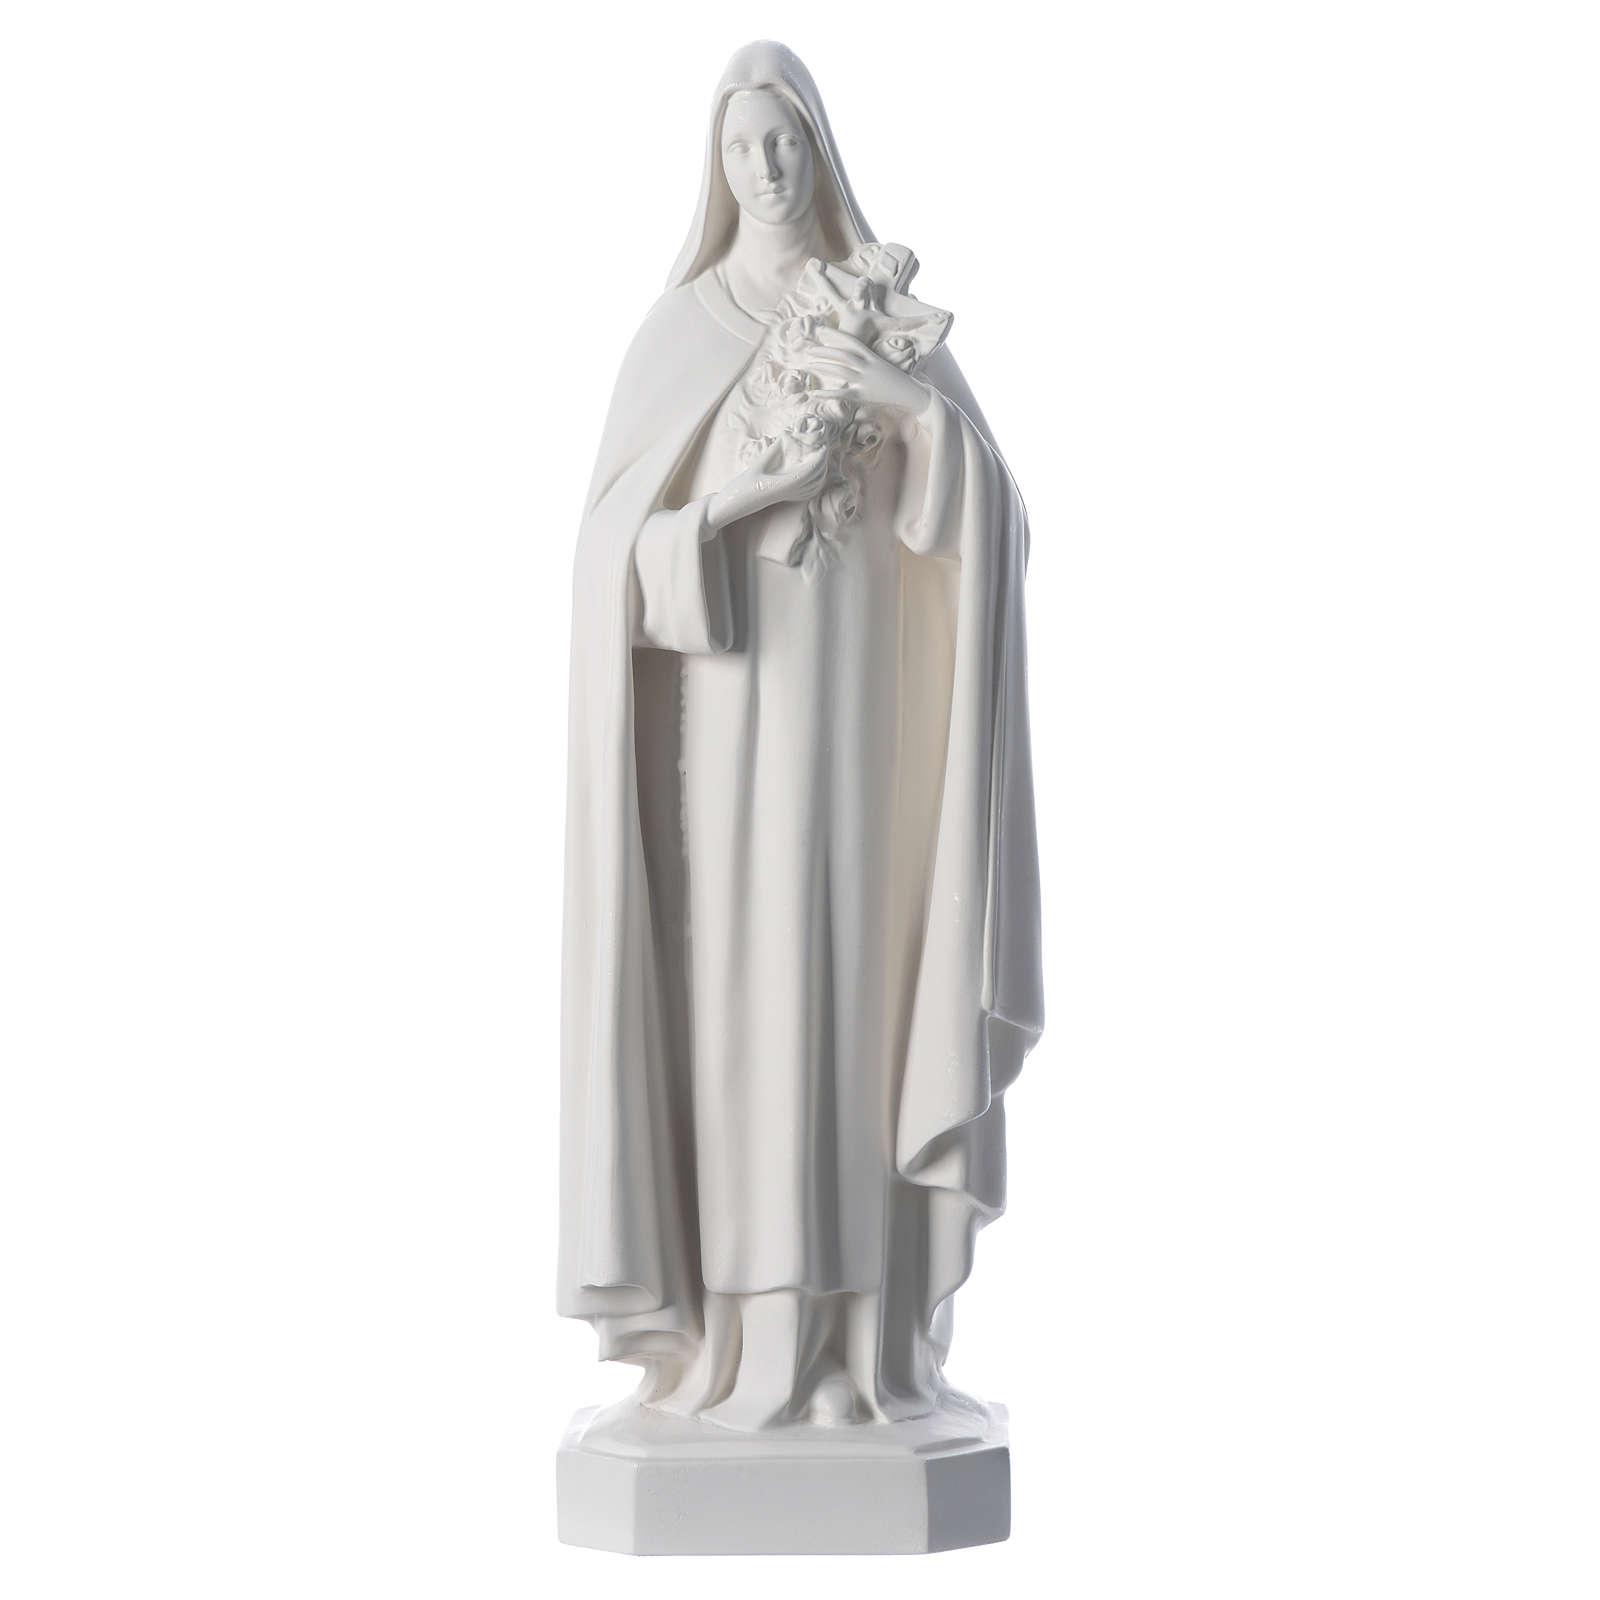 Saint Teresa white fiberglass statue, 60 cm 4